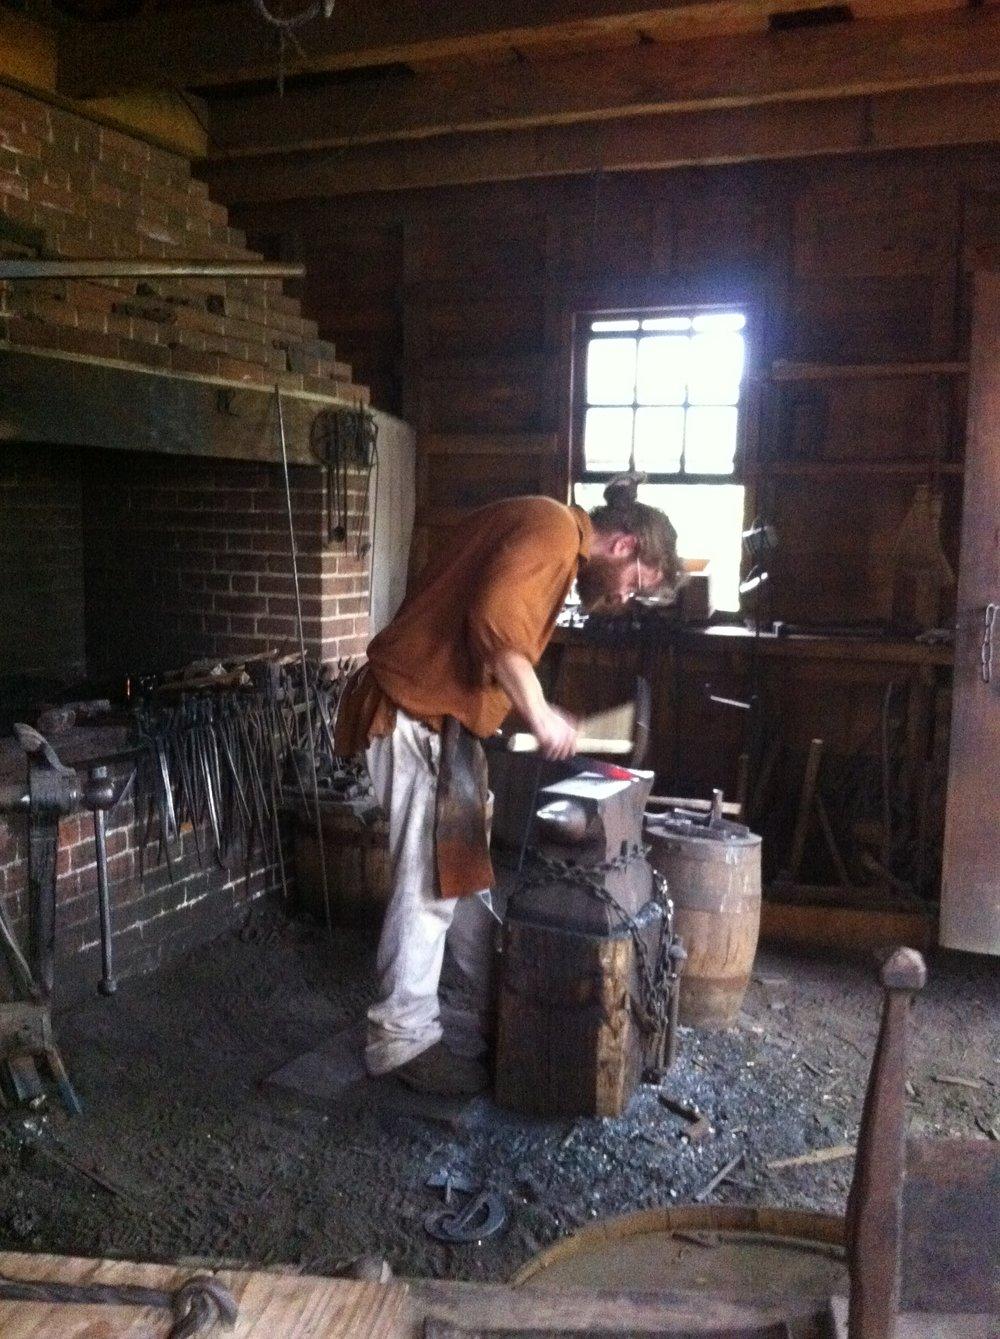 Antes de visitar Mount Vernon, revisen el programa para ver qué demostraciones llevarán a cabo ese día; en la foto, un herrero representativo de la época. Foto: Bruny Nieves